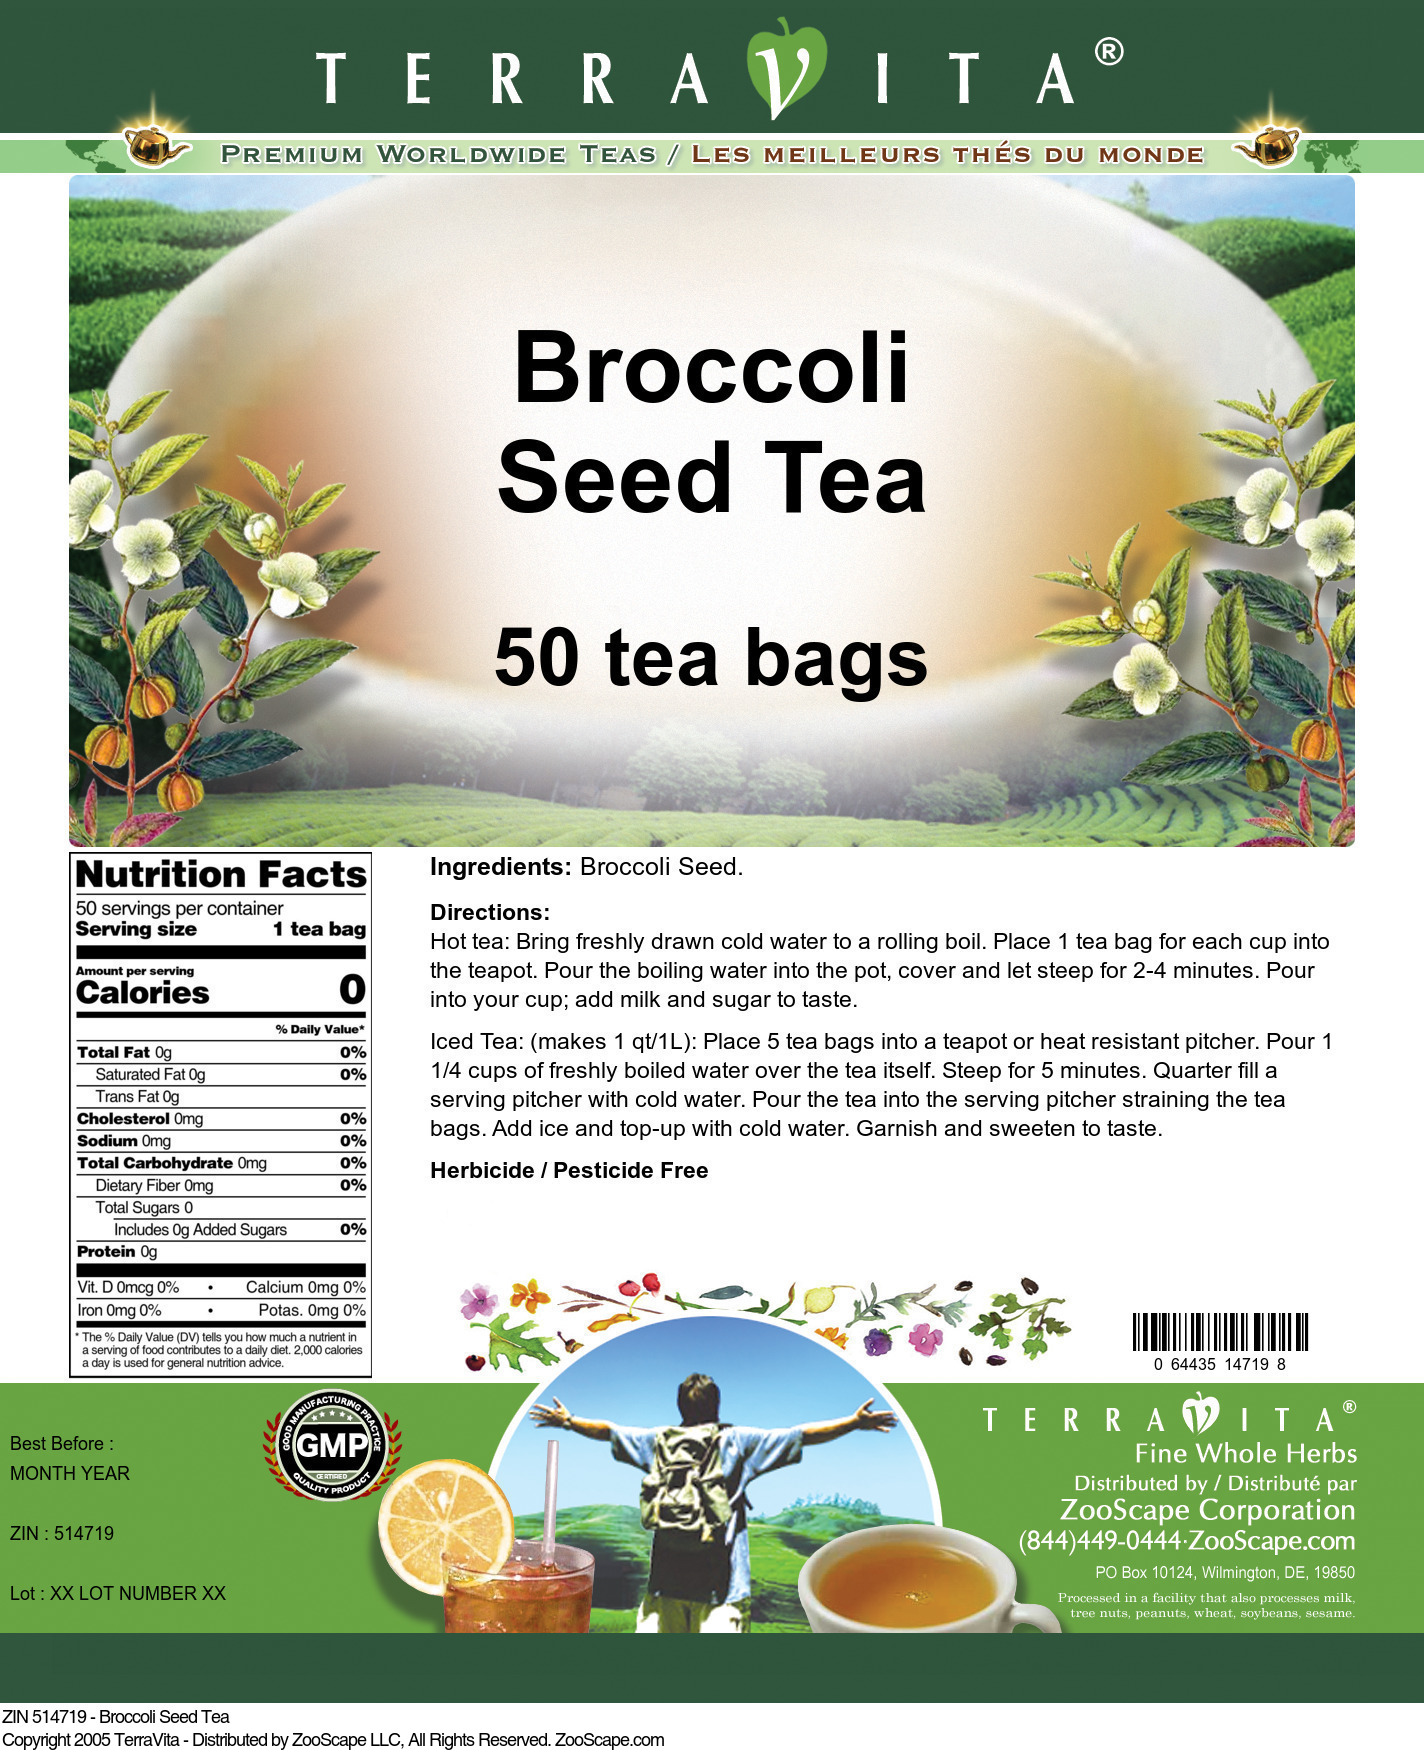 Broccoli Seed Tea